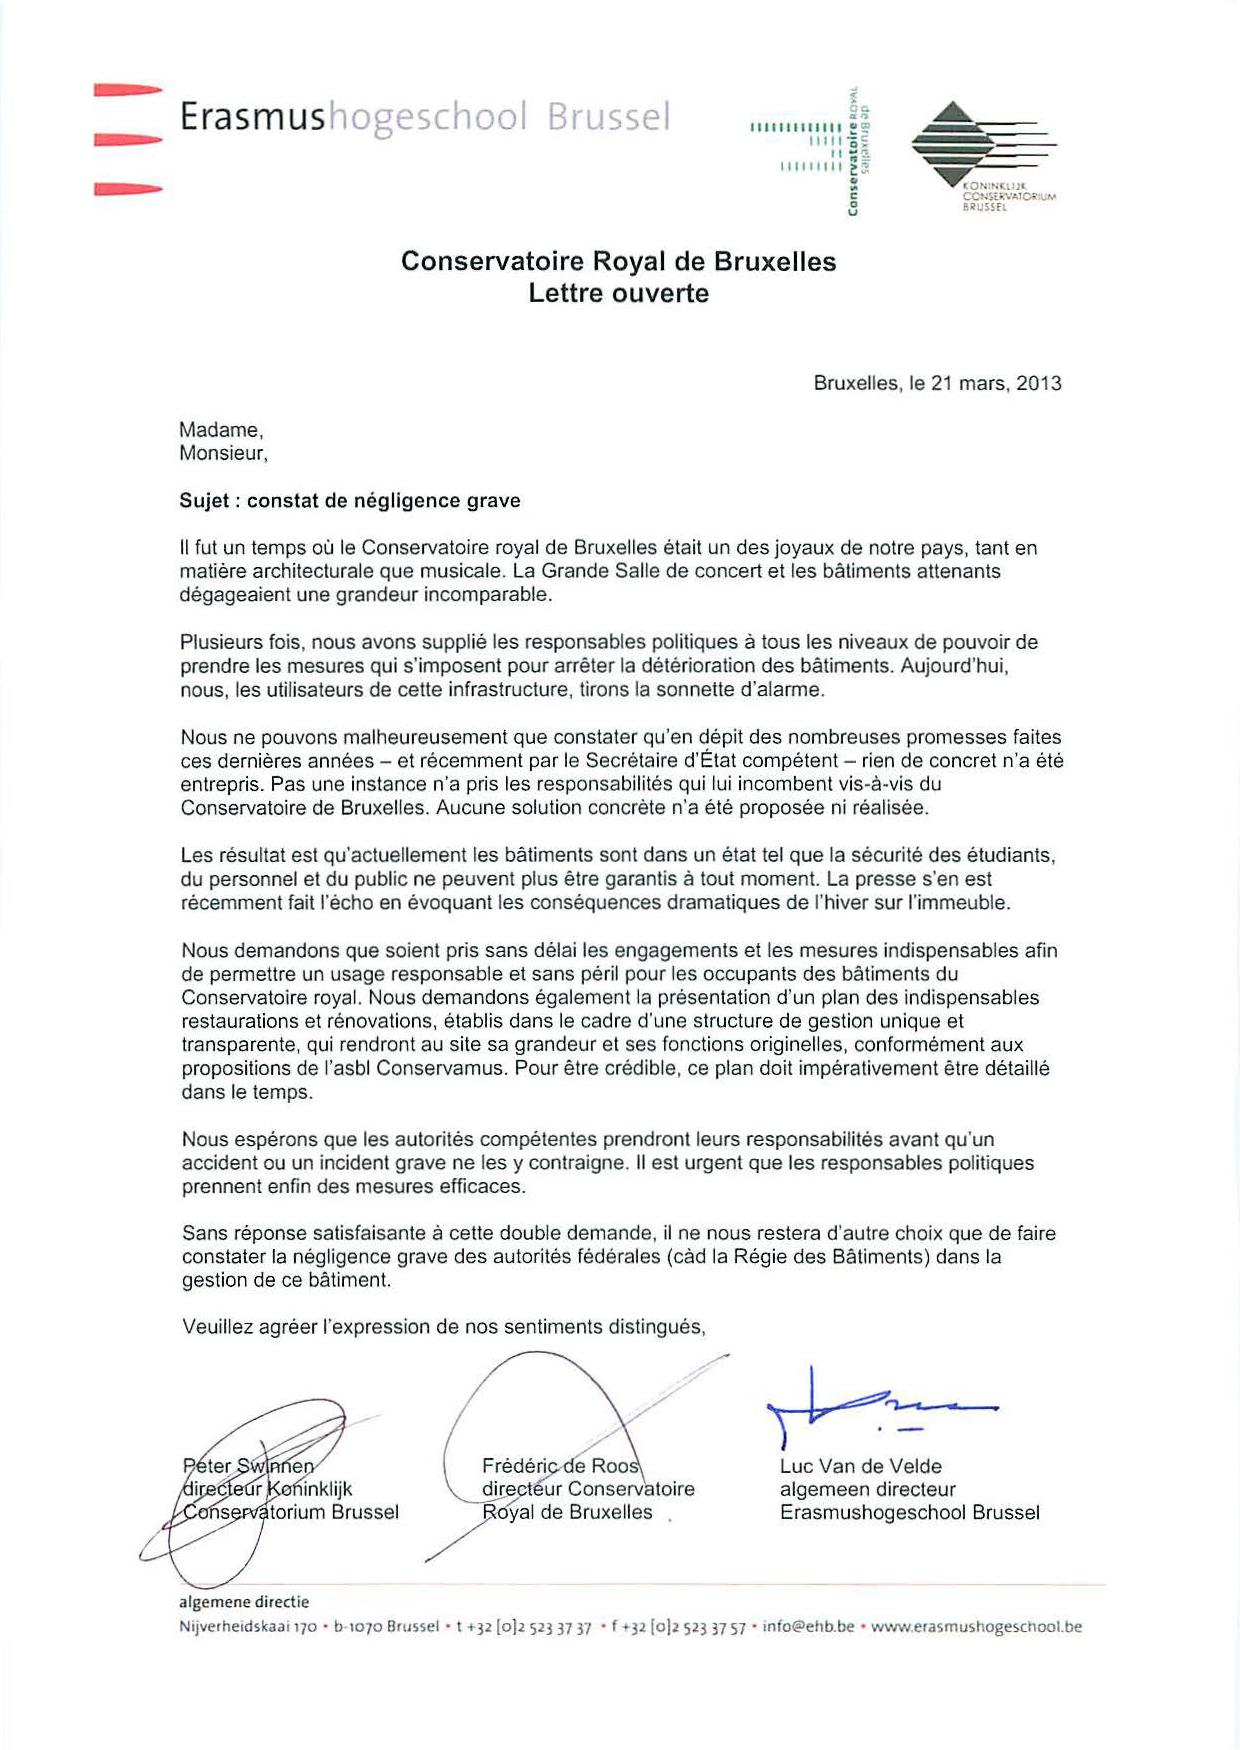 Conservatoire lettre ouverte